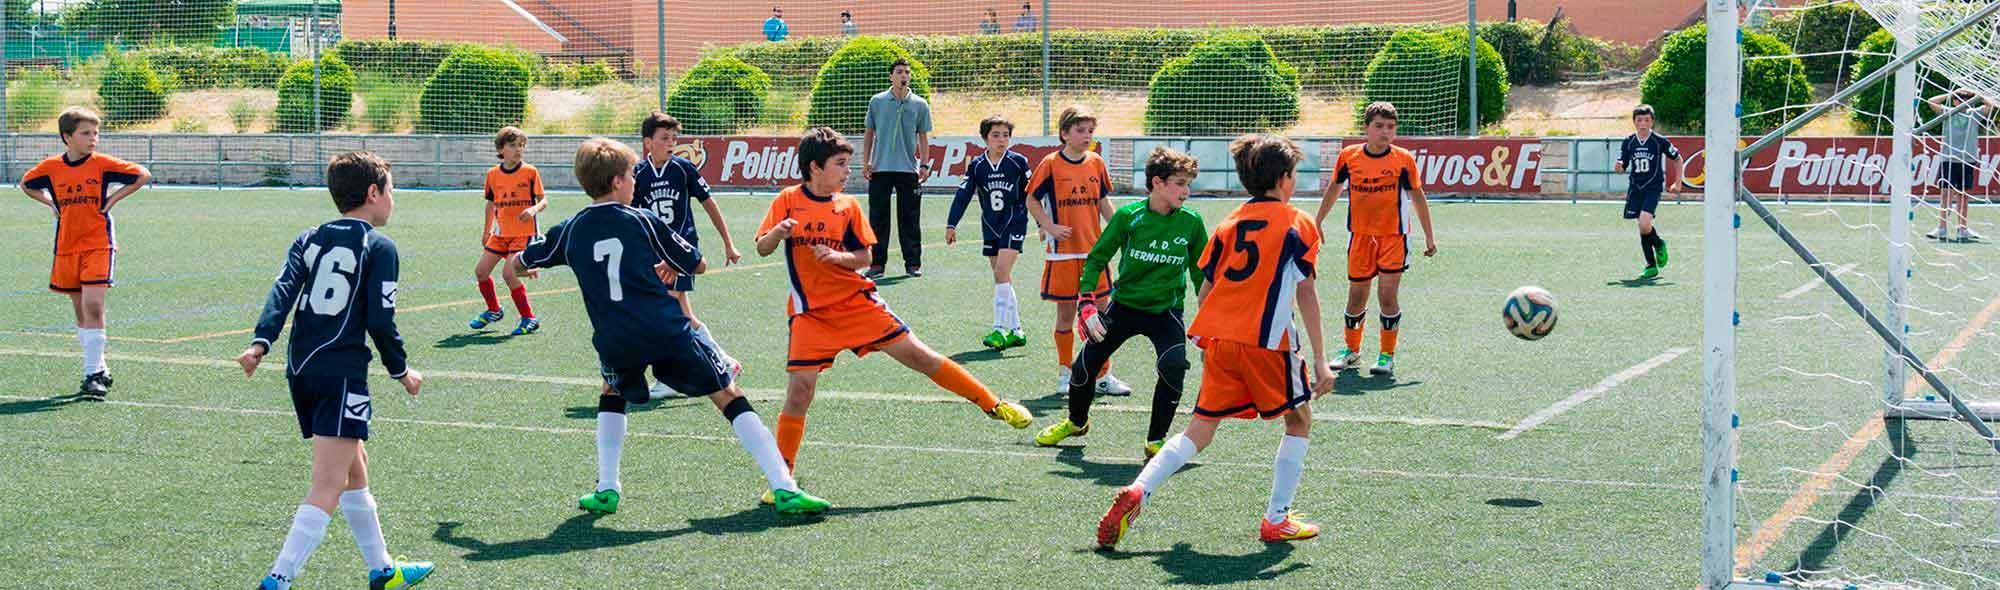 home_cabecera_futbol